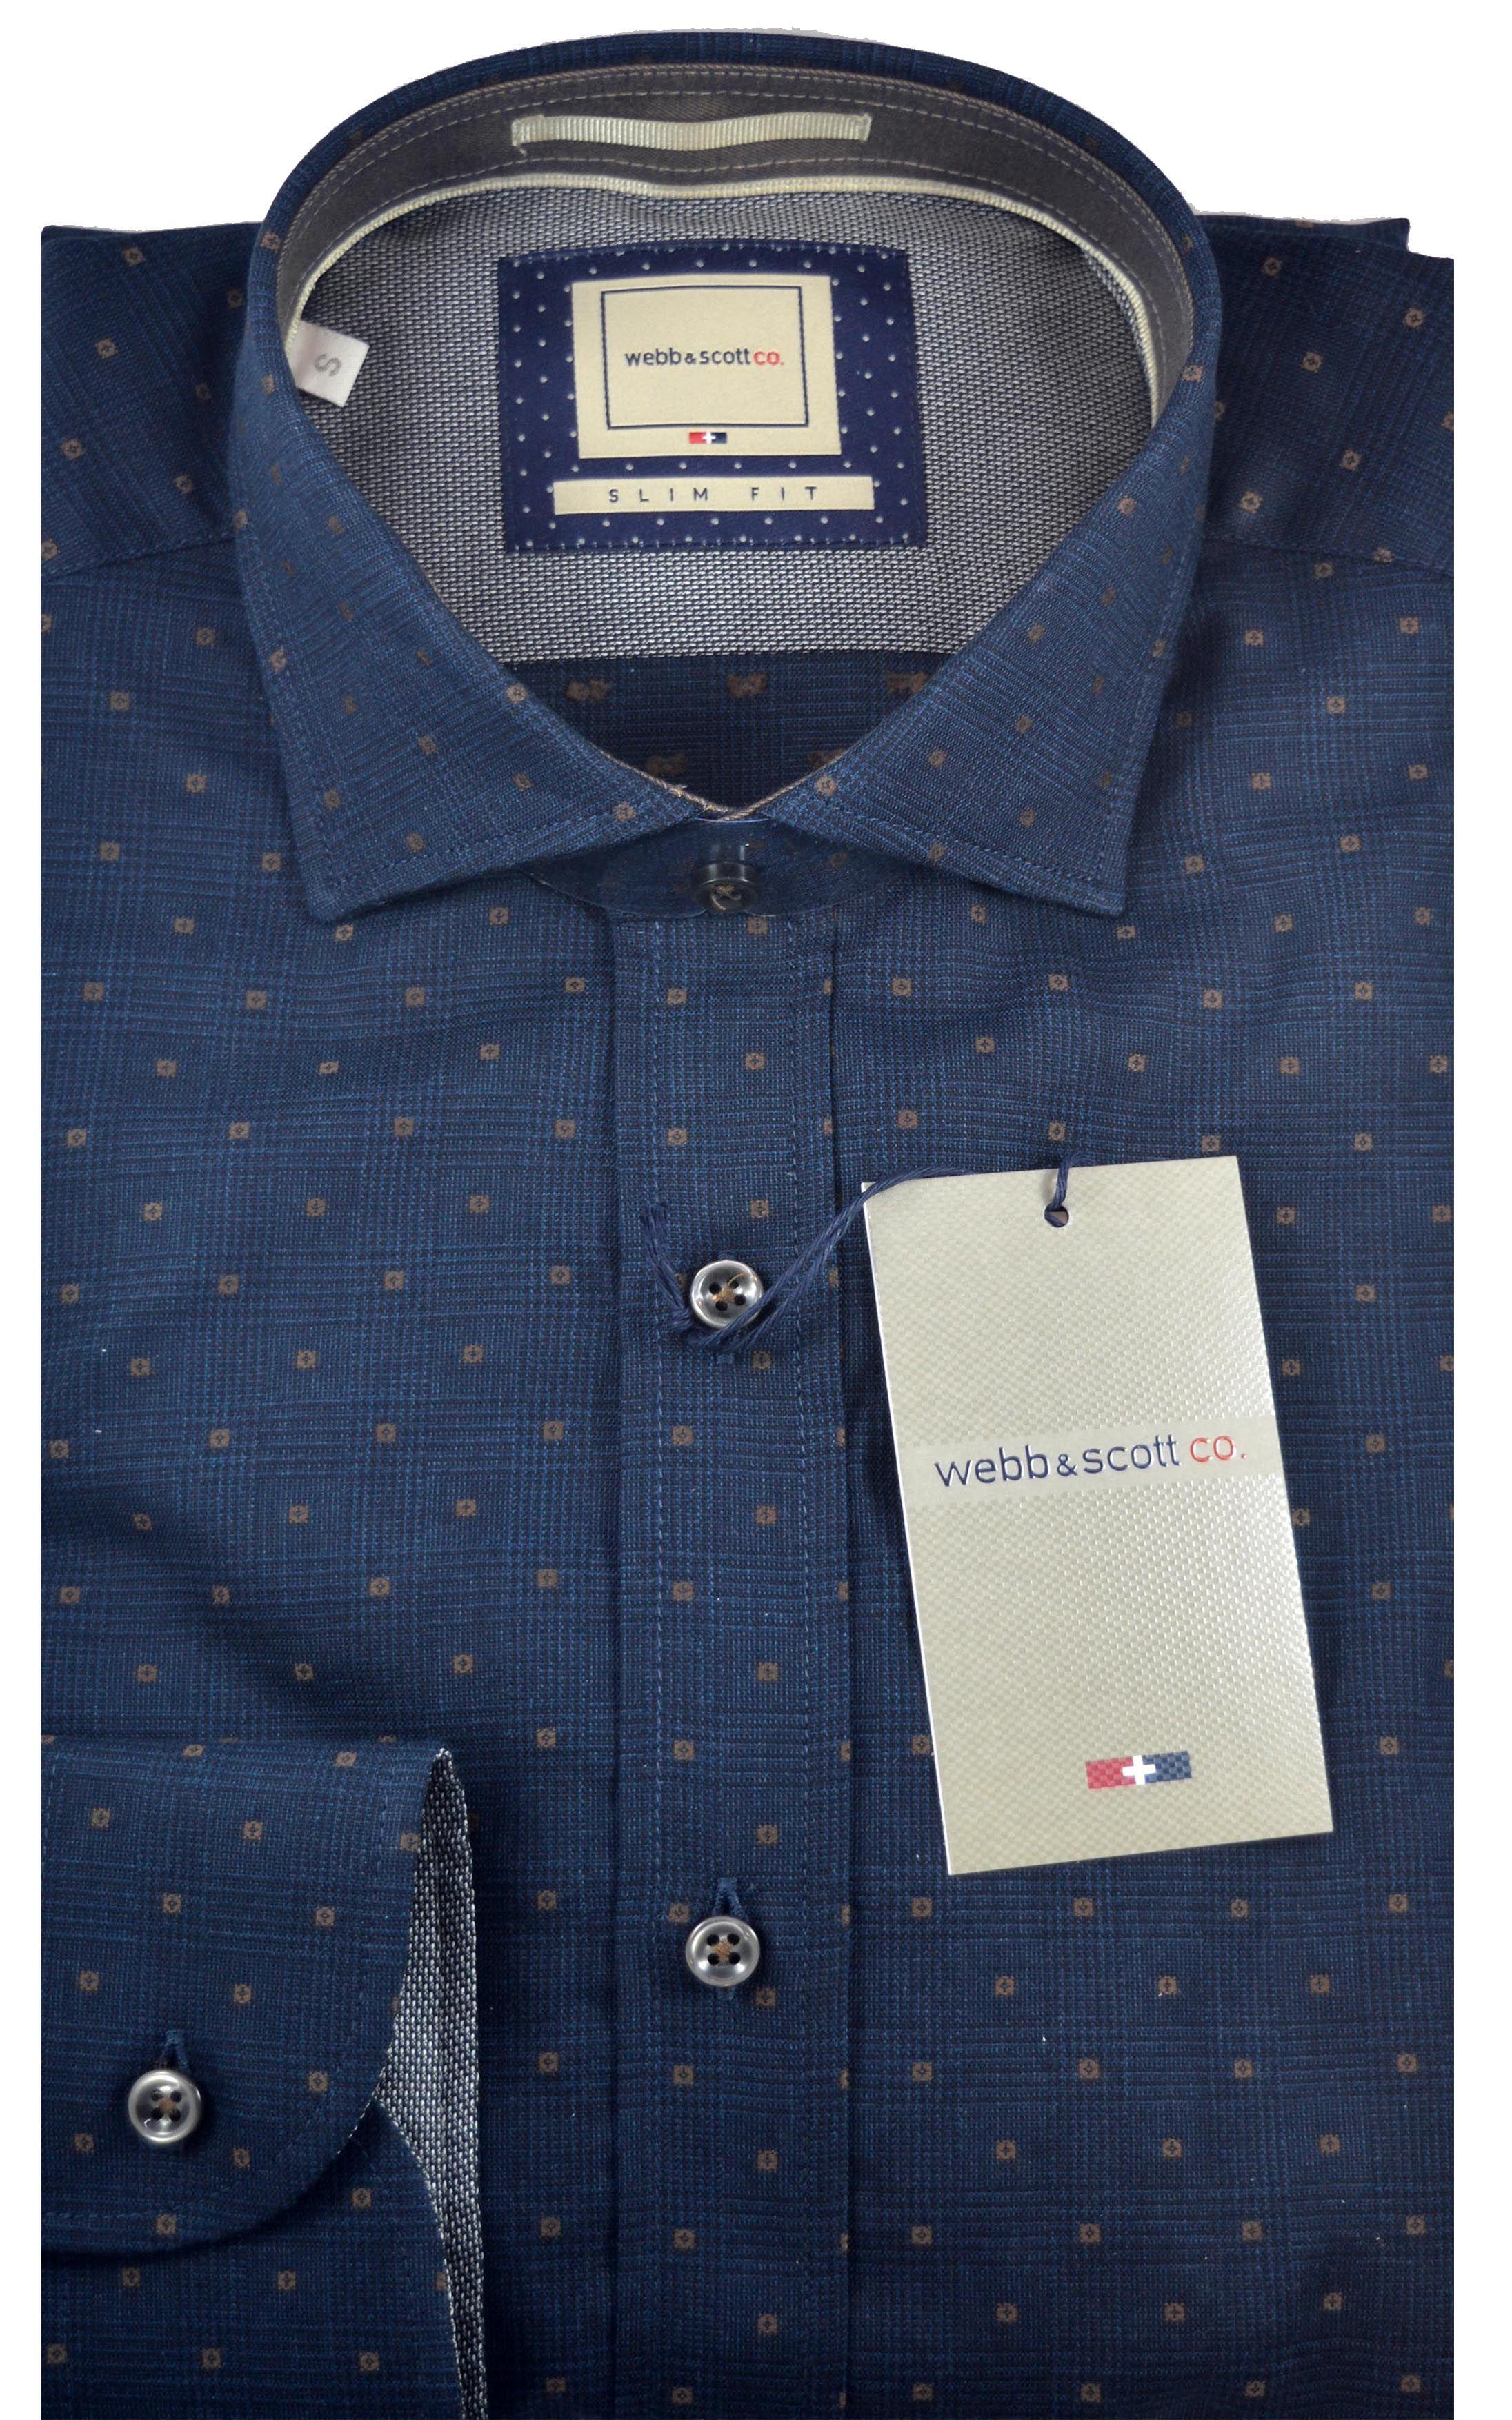 low priced fab78 fa35e camicia uomo Webb & Scott 100%cotone in vendita presso ...